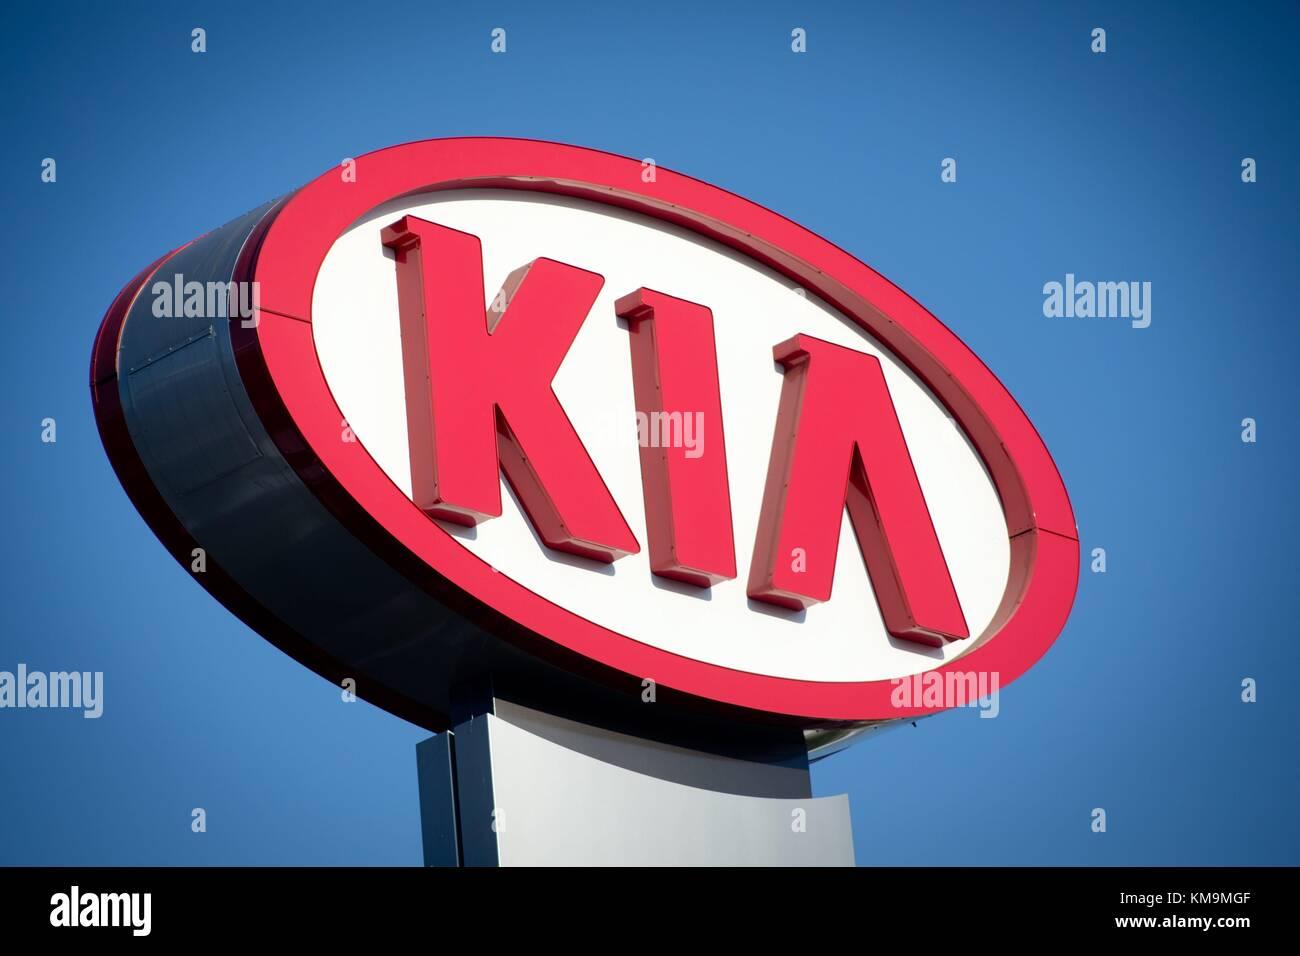 Kearny Pearson Kia >> Kia Logo At Kearny Pearson Kia Car Dealer In Kearny Mesa In